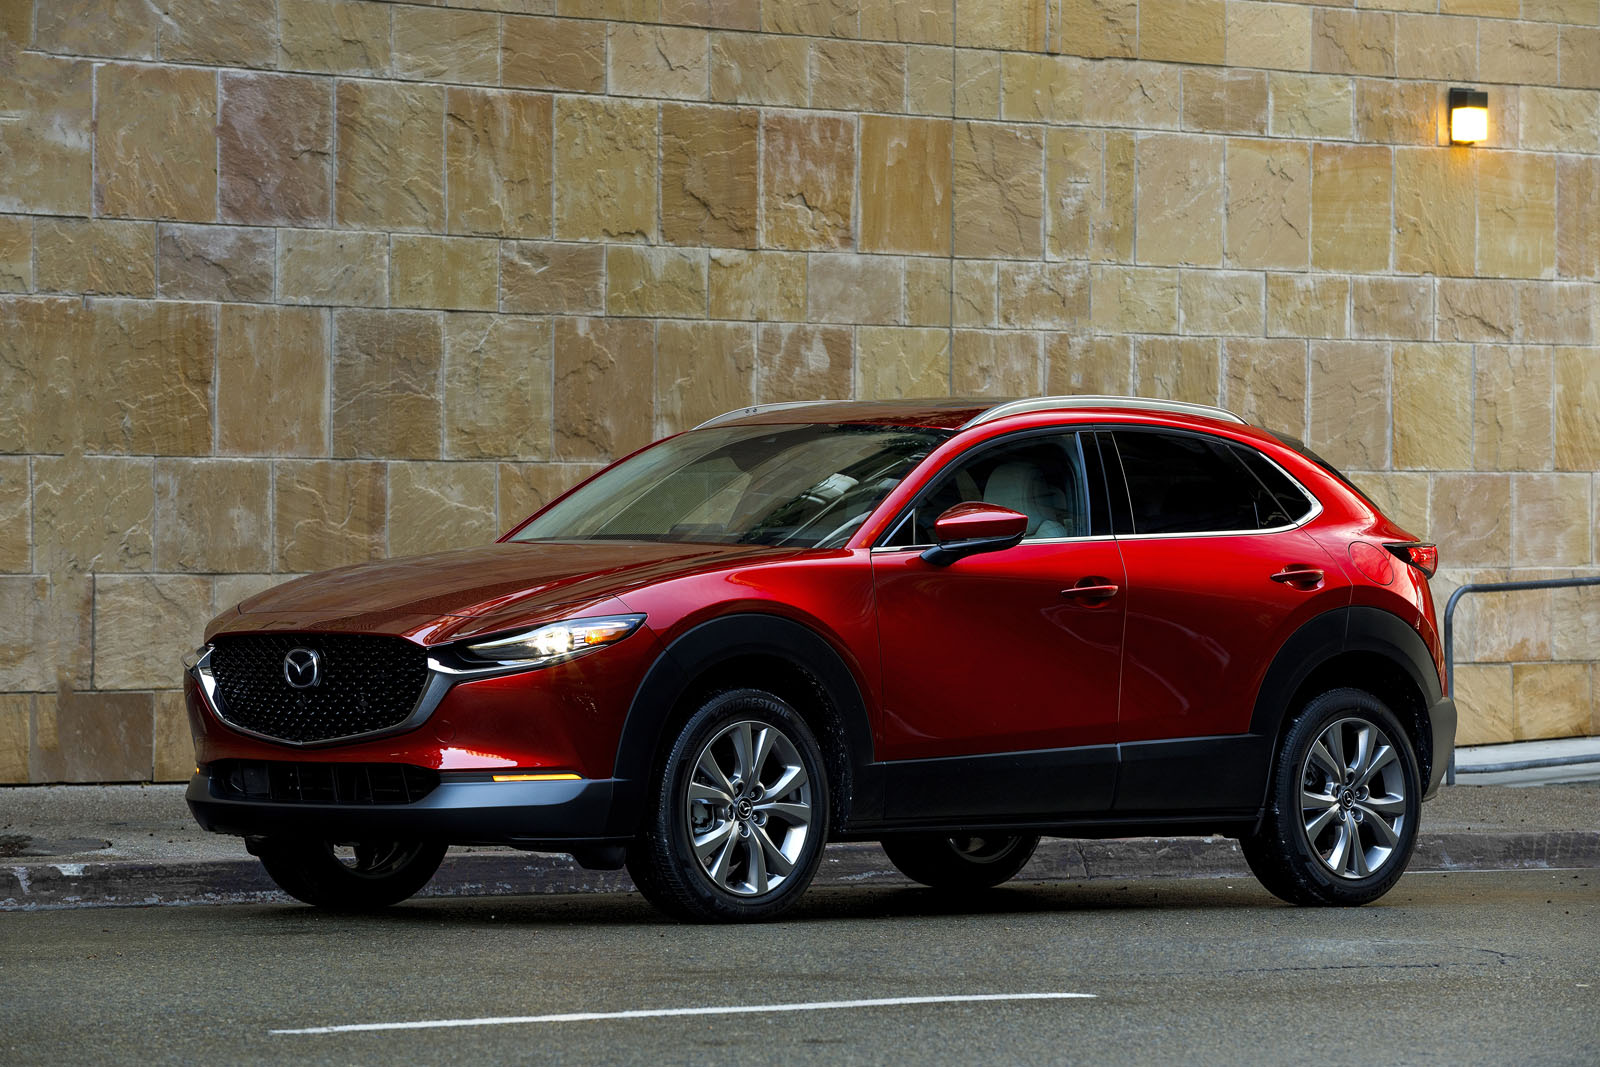 2022 Mazda Cx 30 Premium Dashboard Mpg Suv Vin